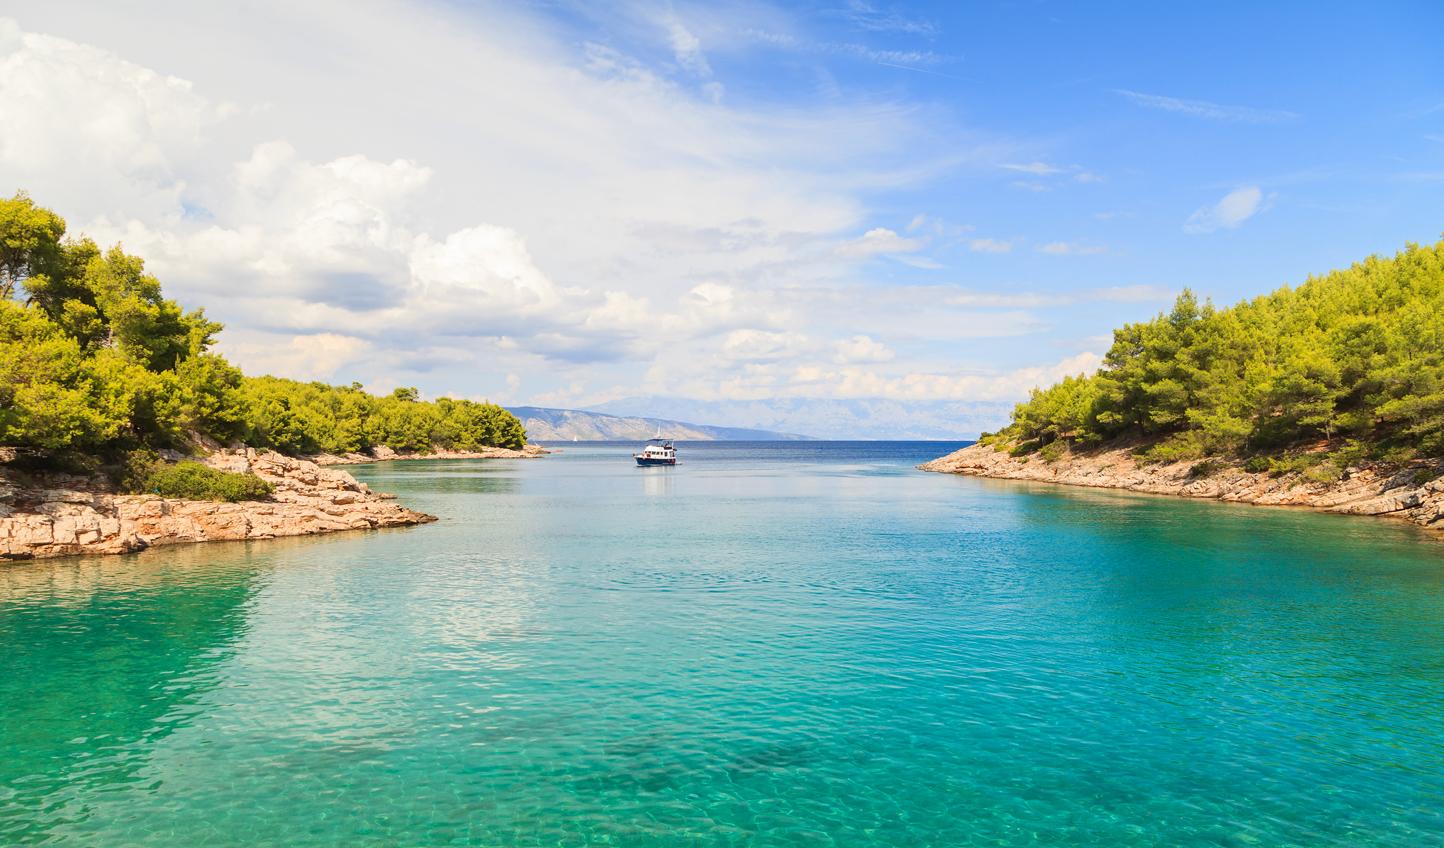 Adriatic-Coastline_59349130